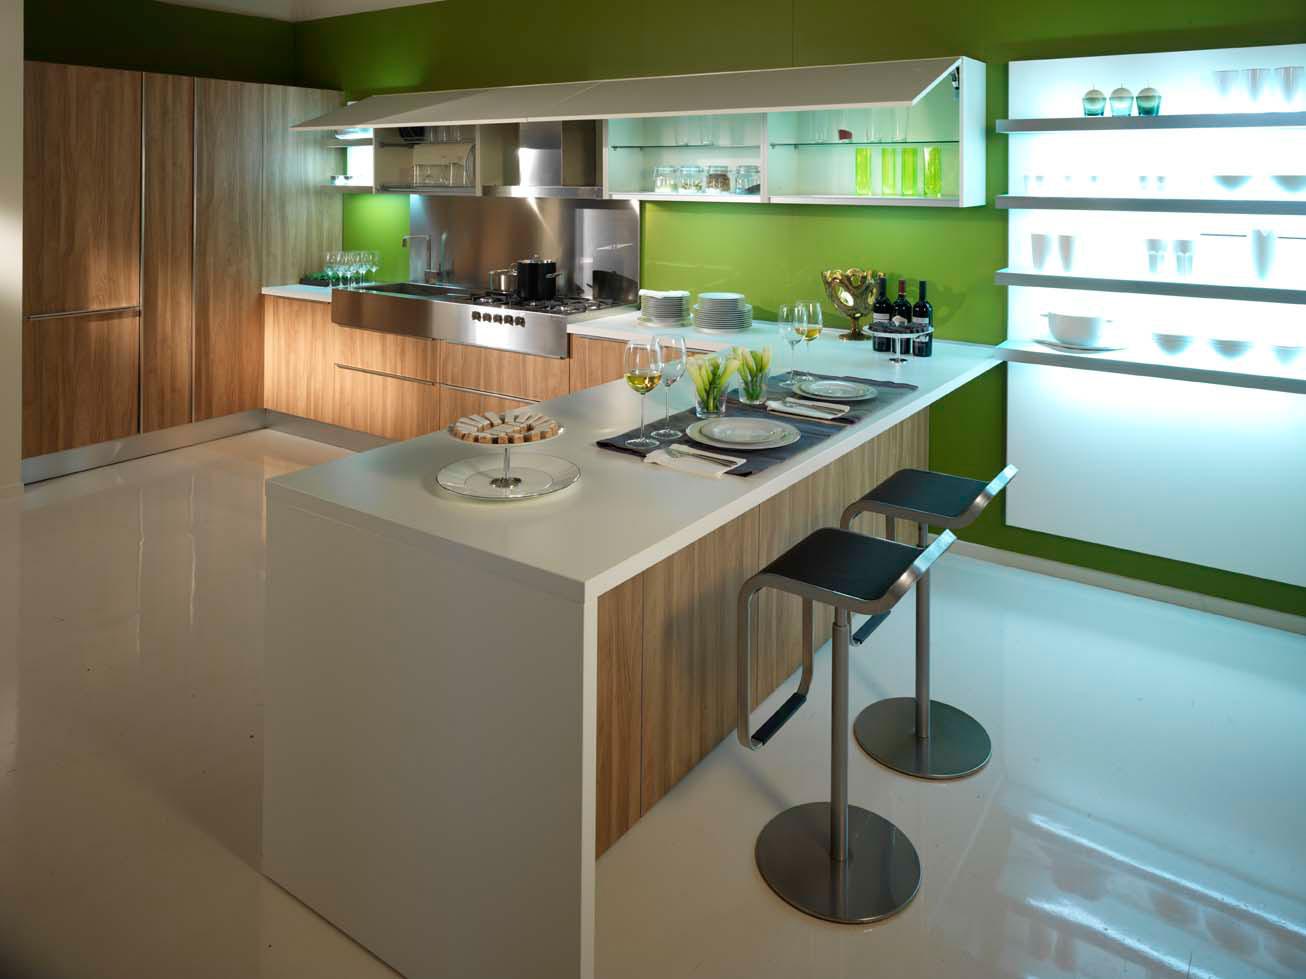 Cuisine en melamine 16 photo de cuisine moderne design for Design en cuisine